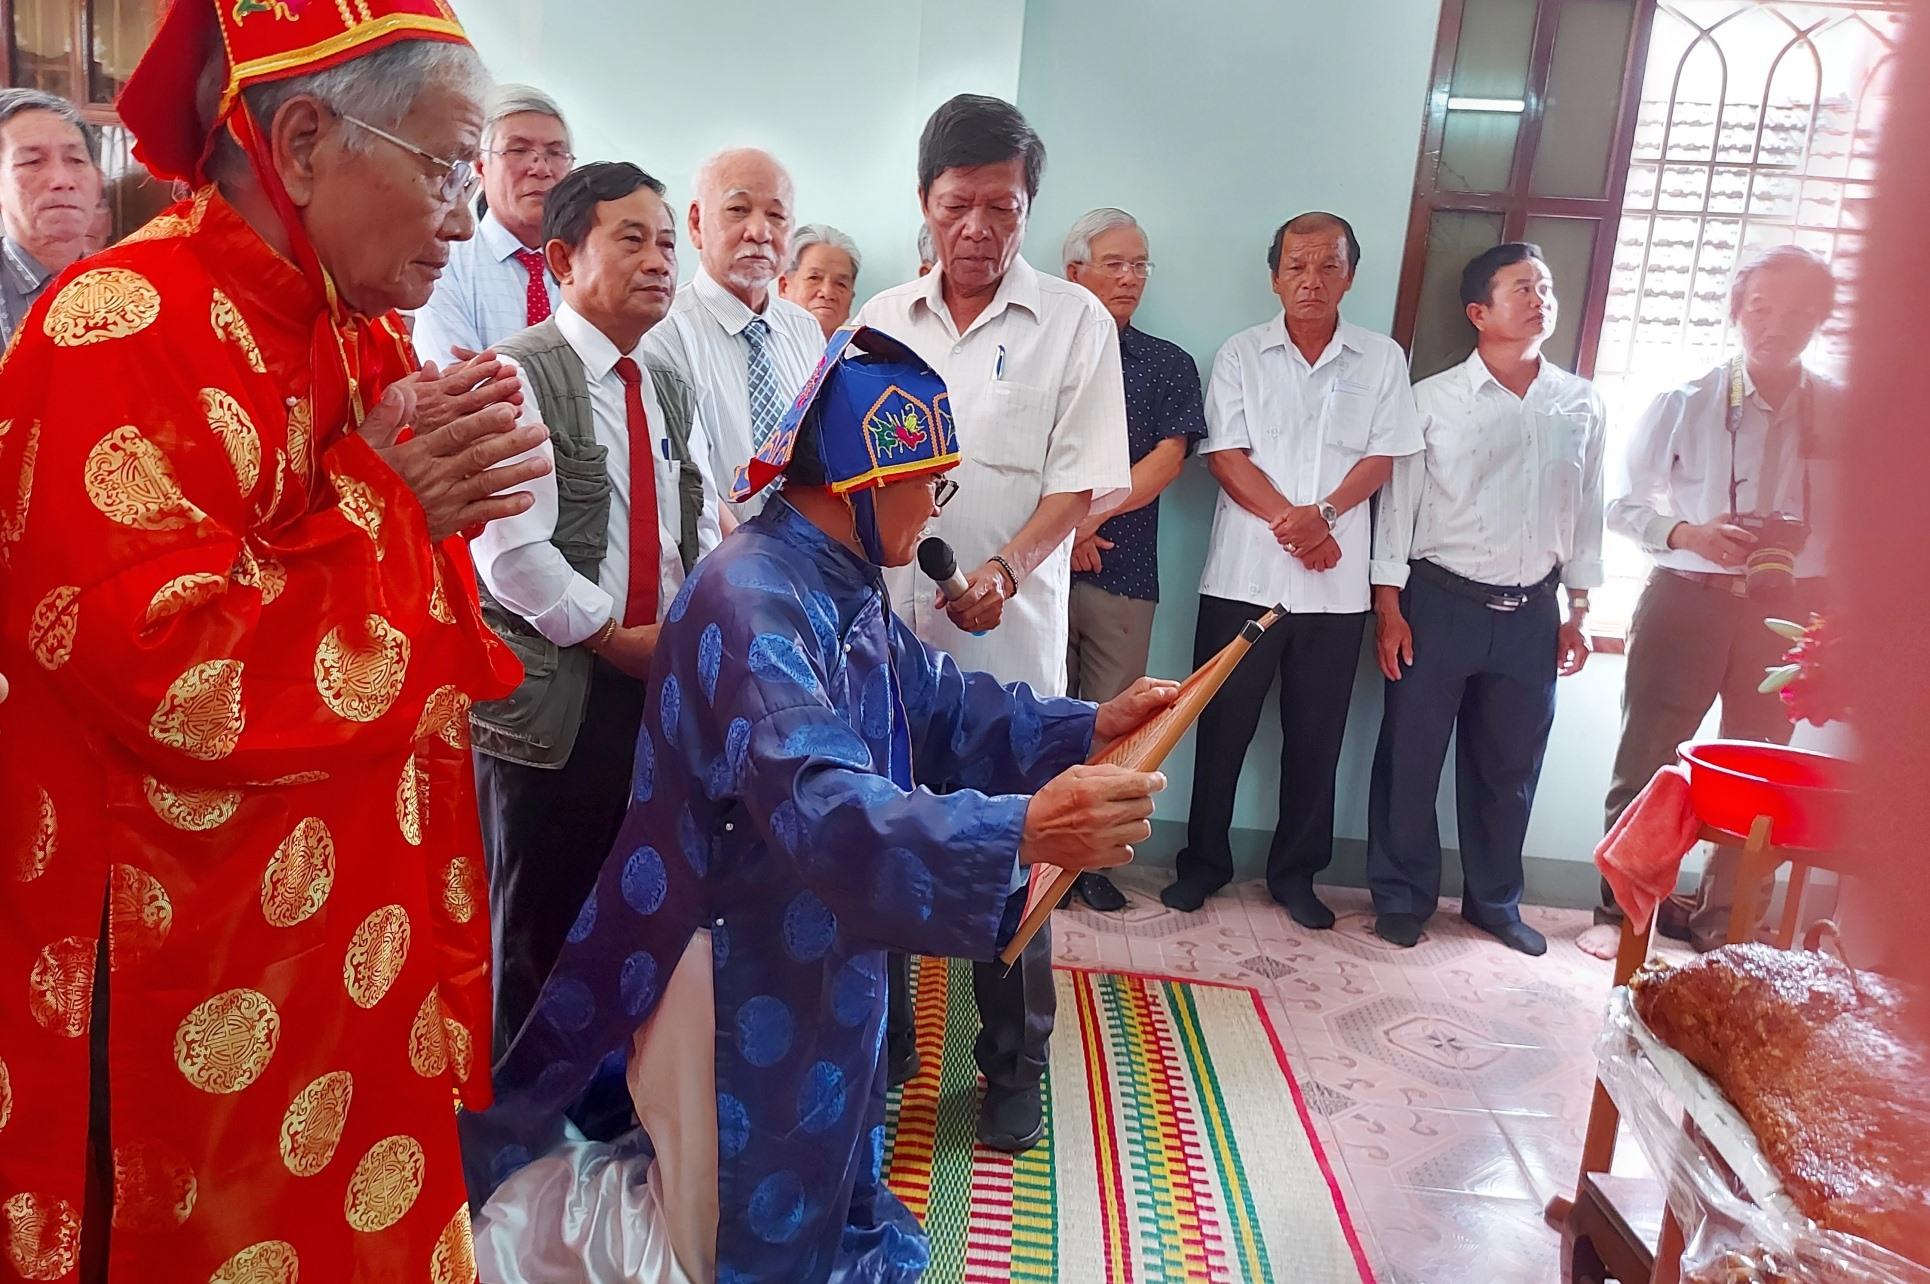 lễ húy kỵ Minh quân Lê Thánh Tông lần thứ 524 (1497 - 2021).